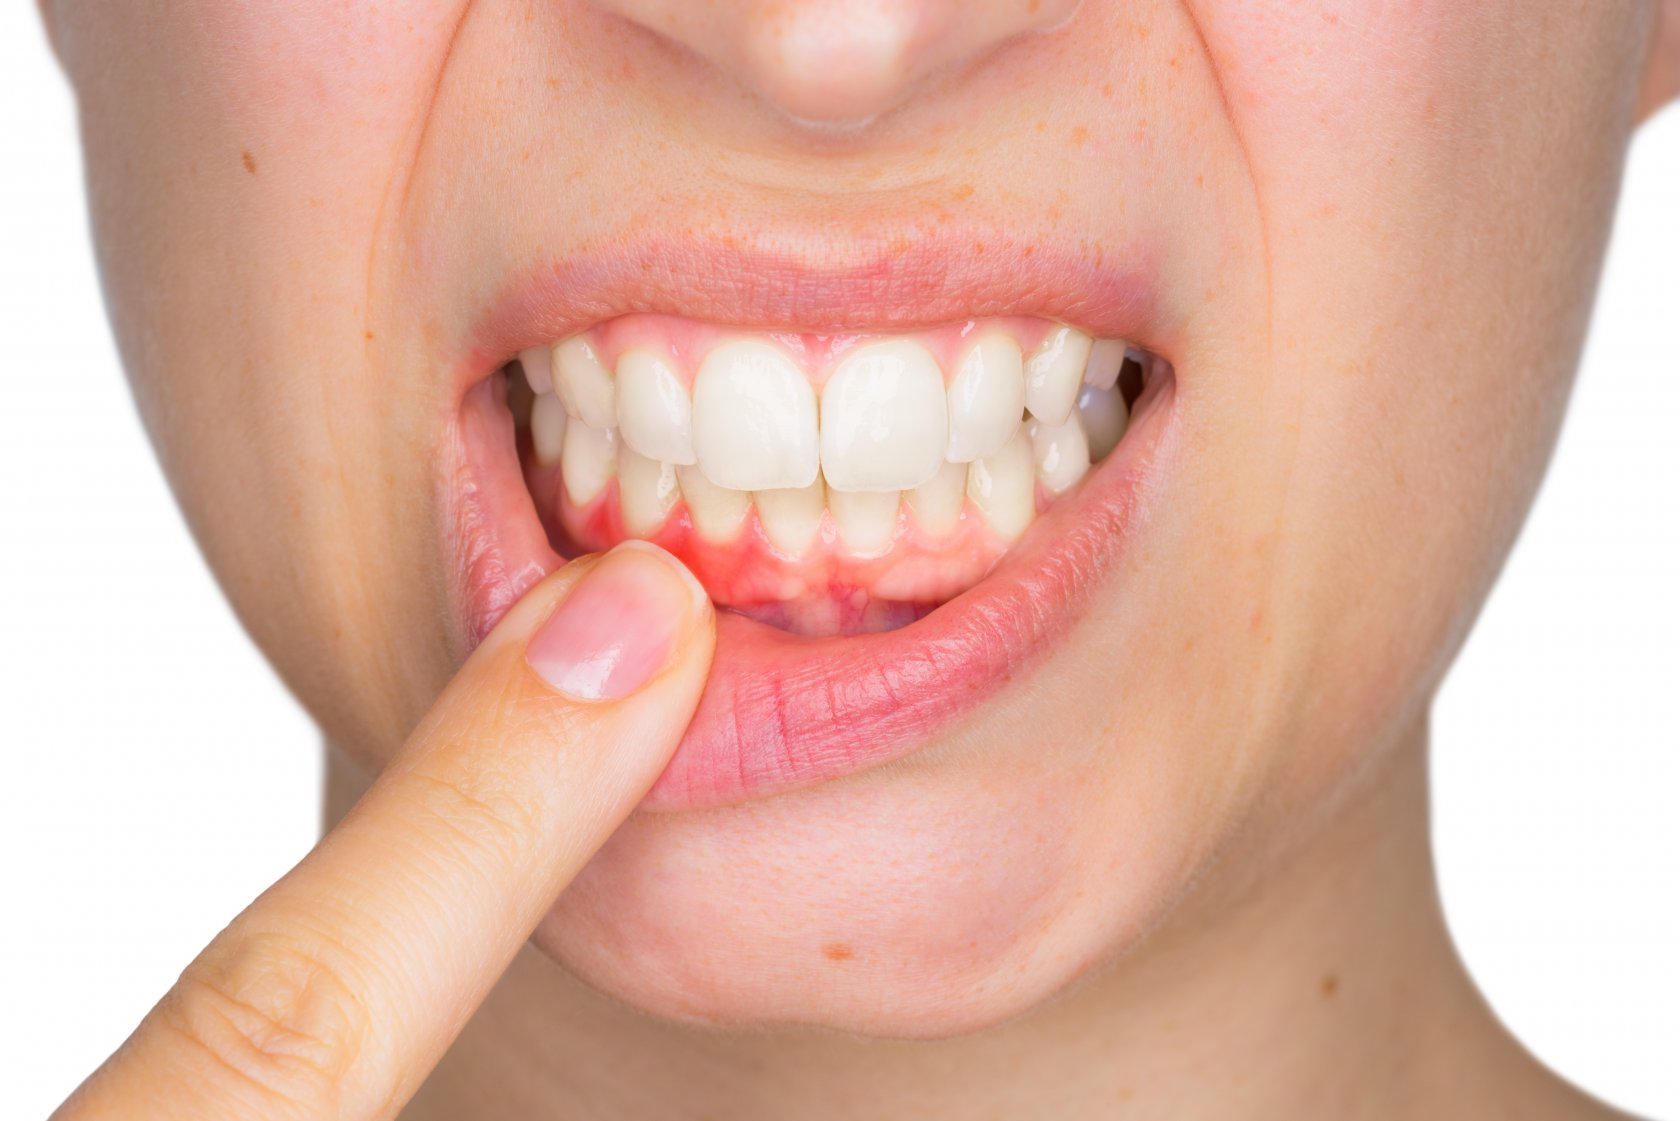 Как укрепить десны зубов в домашних условиях? - Асепта 58